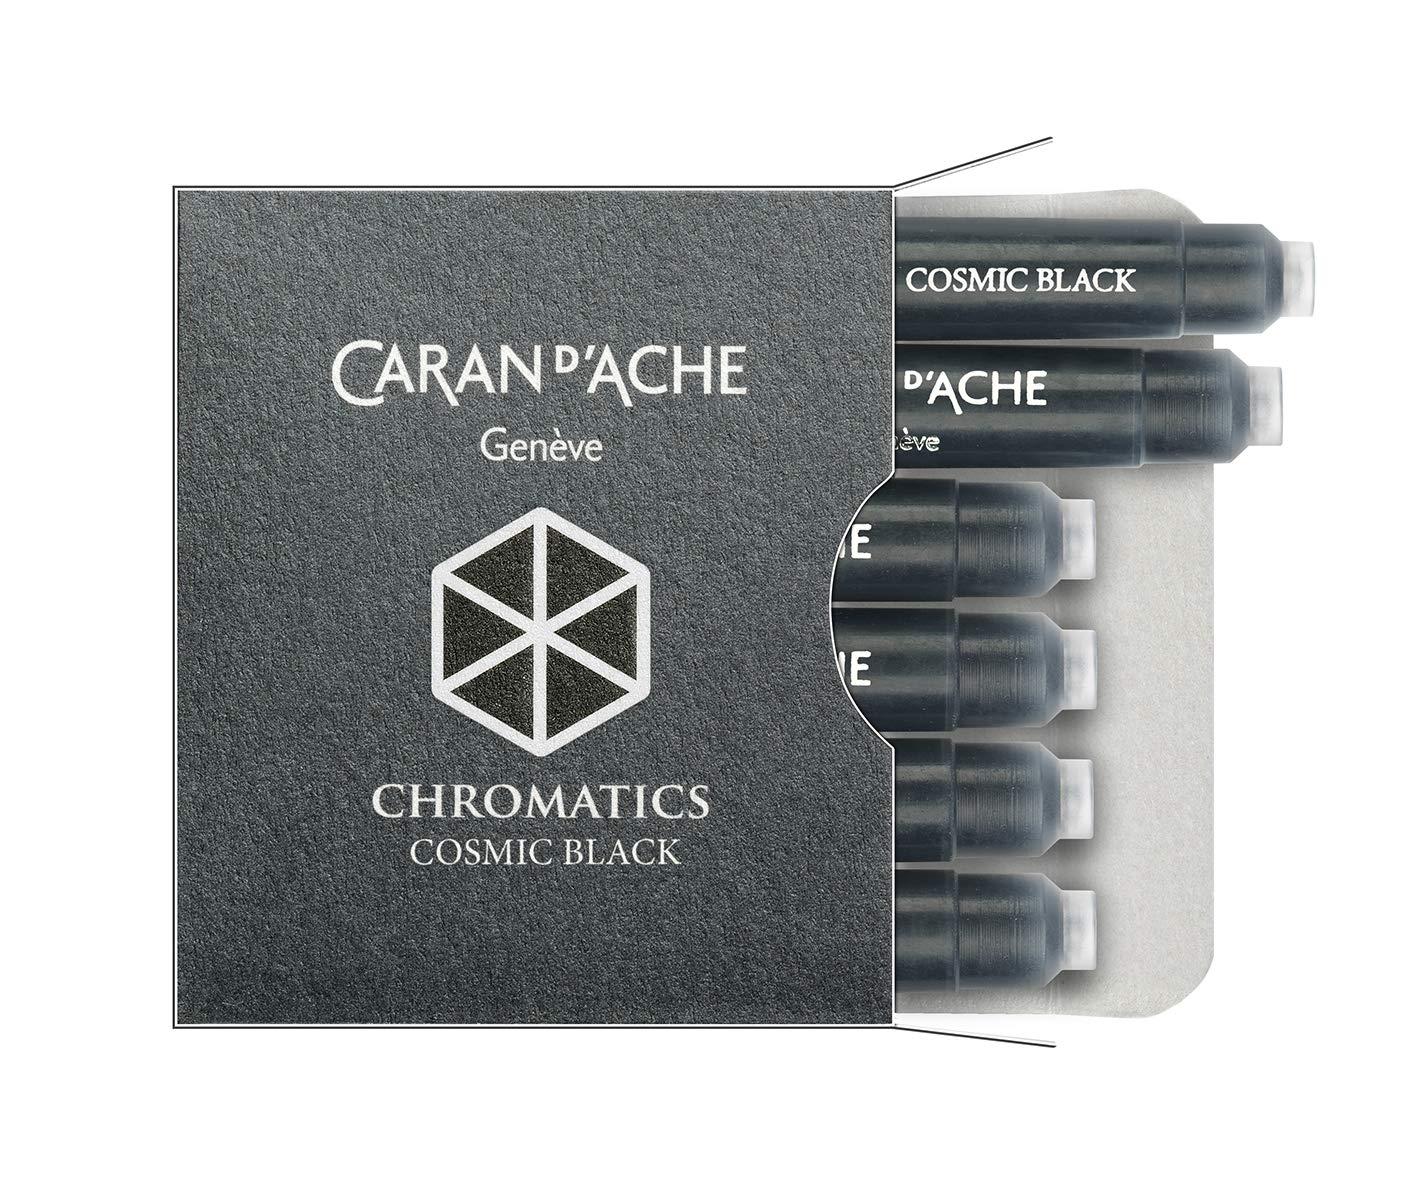 CARAN DACHE Cartucho de tinta cromática negro cósmico paqu